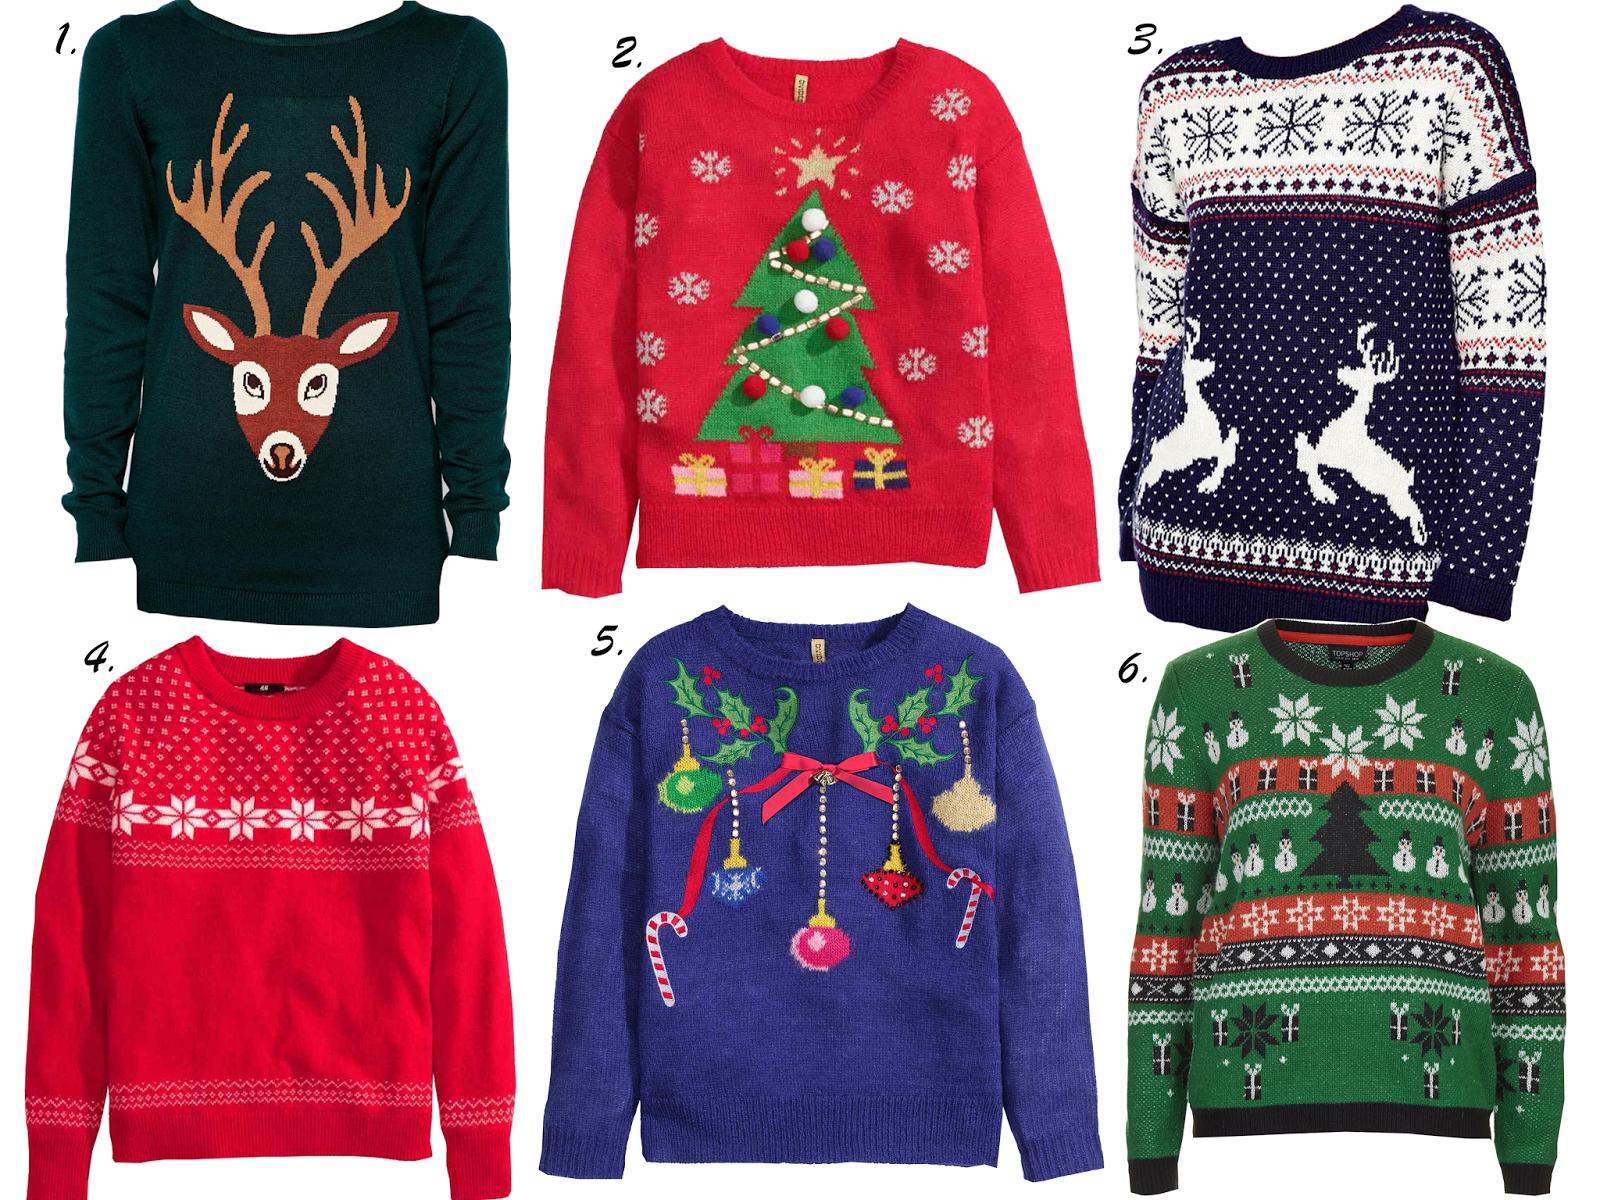 disponibilità nel Regno Unito 99f18 e2cd7 Natale 2015, regali last minute - Cultura a Colori